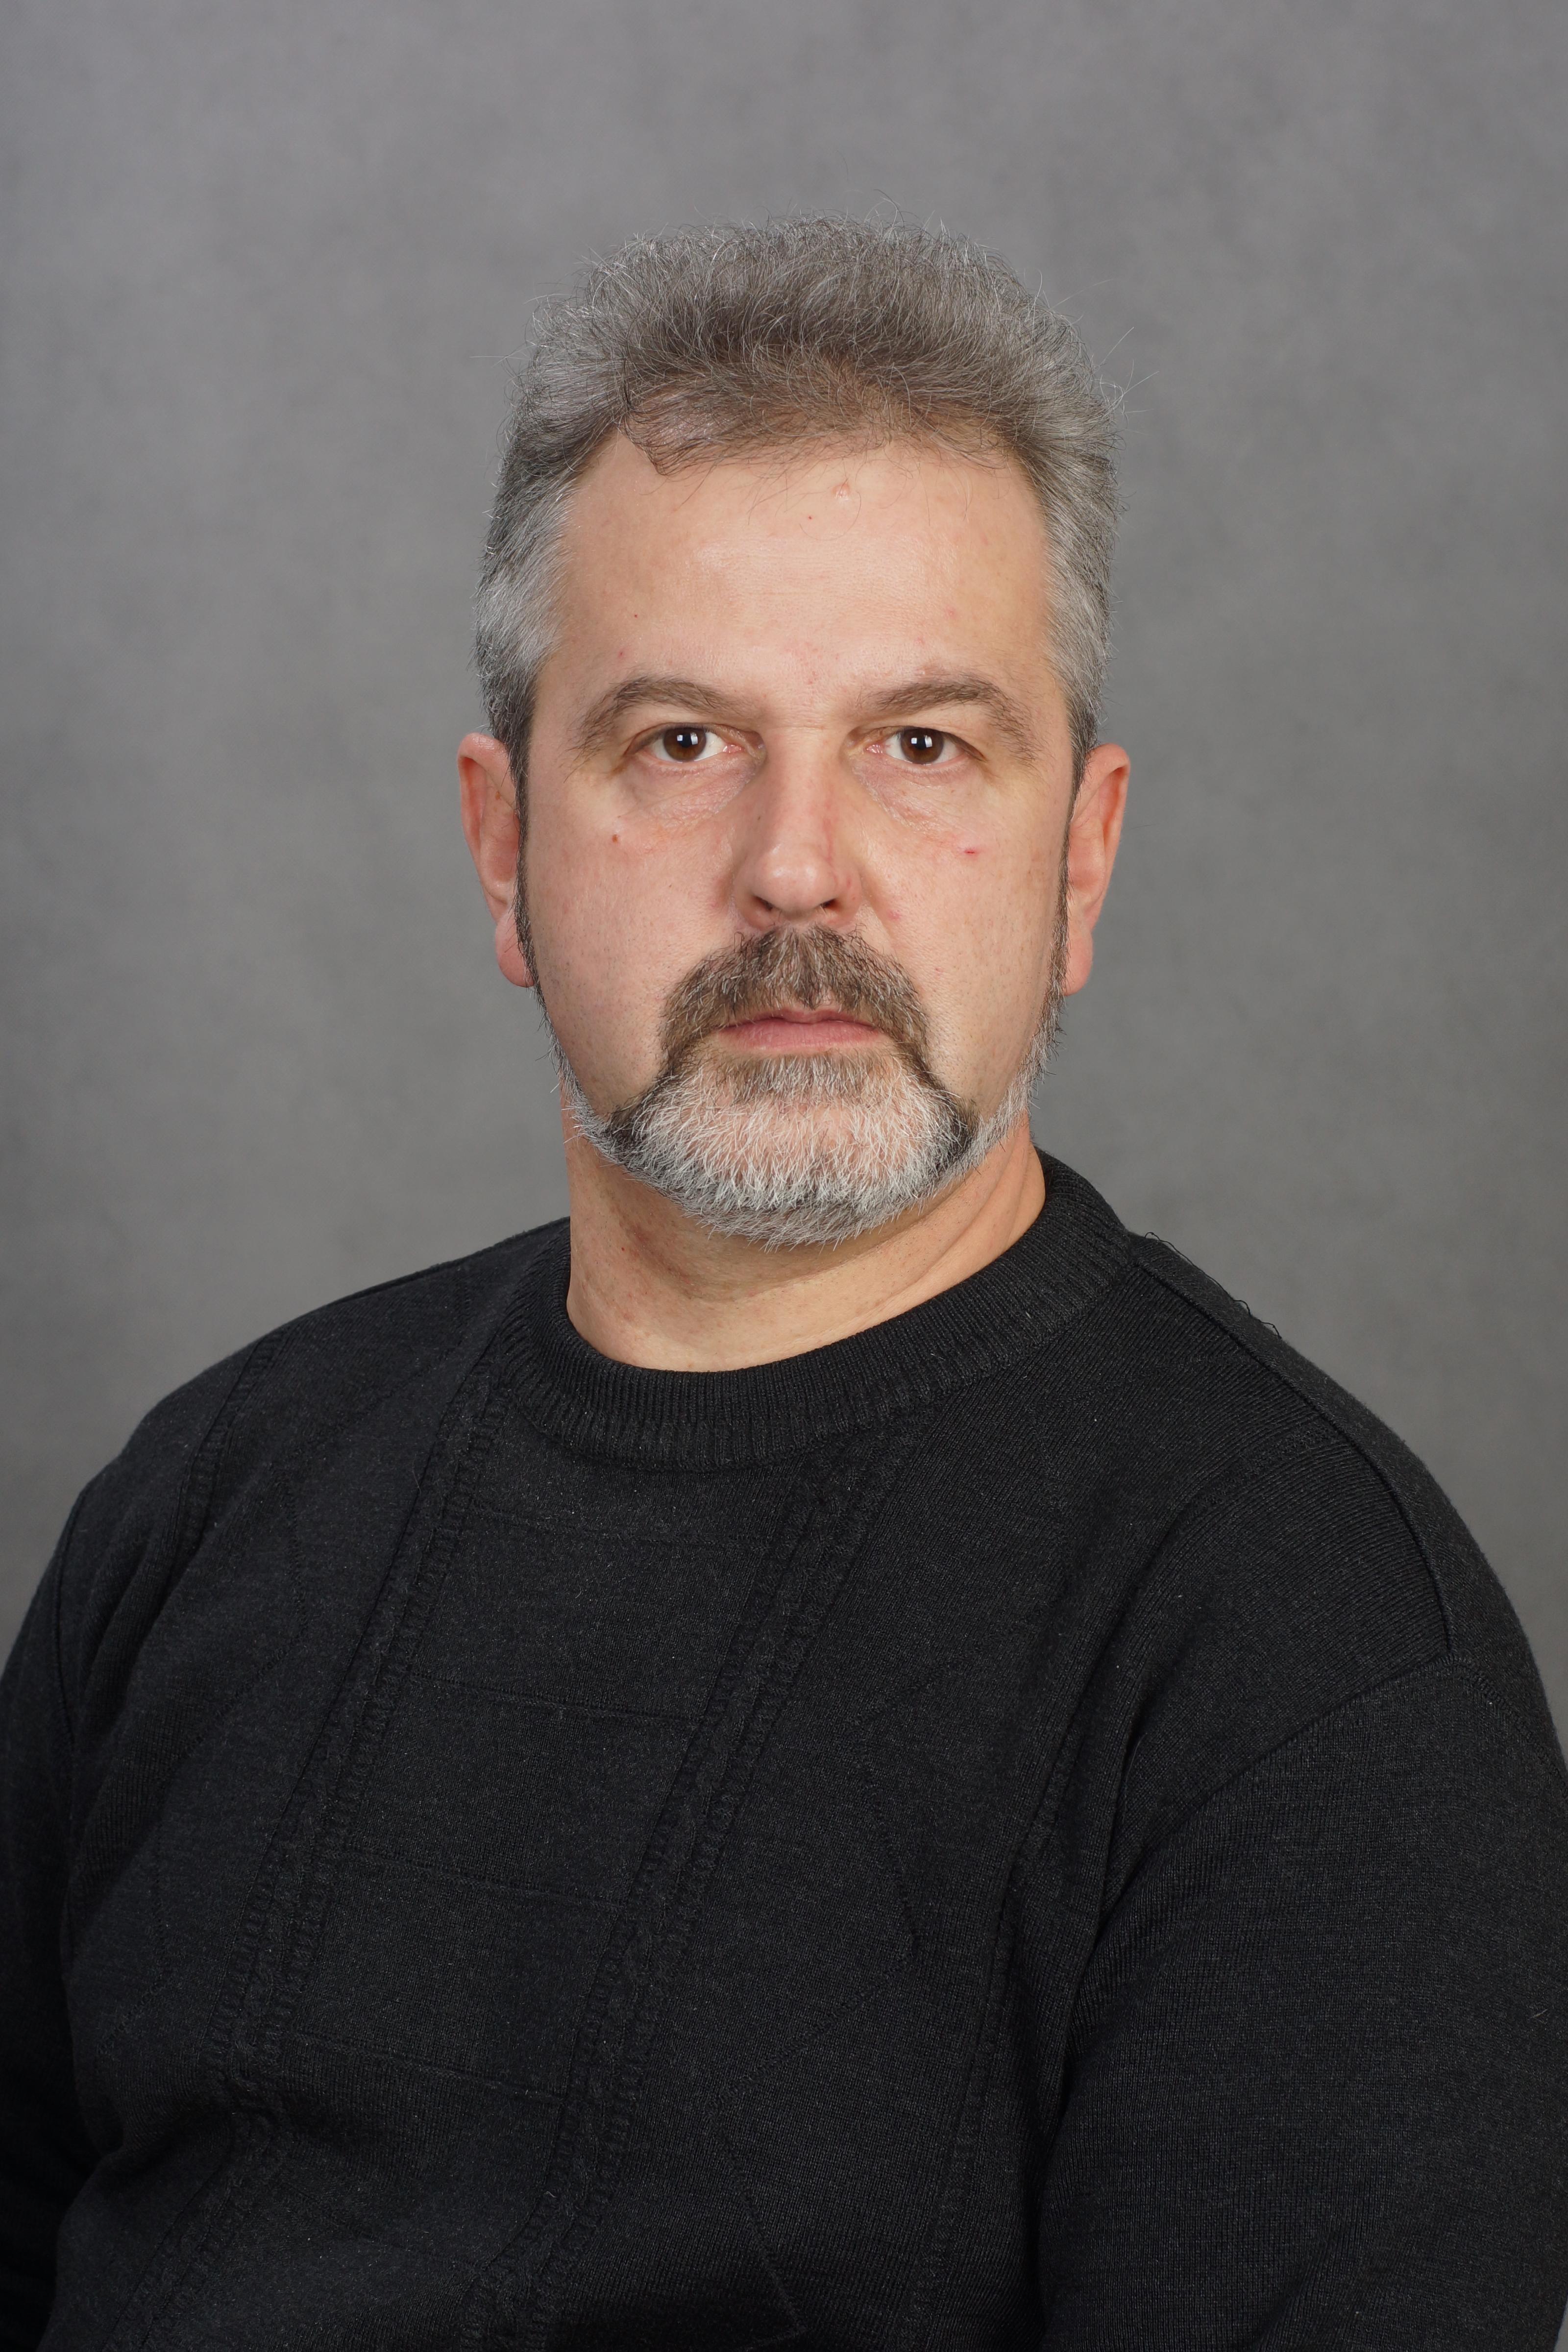 Кулешов Михаил Александрович